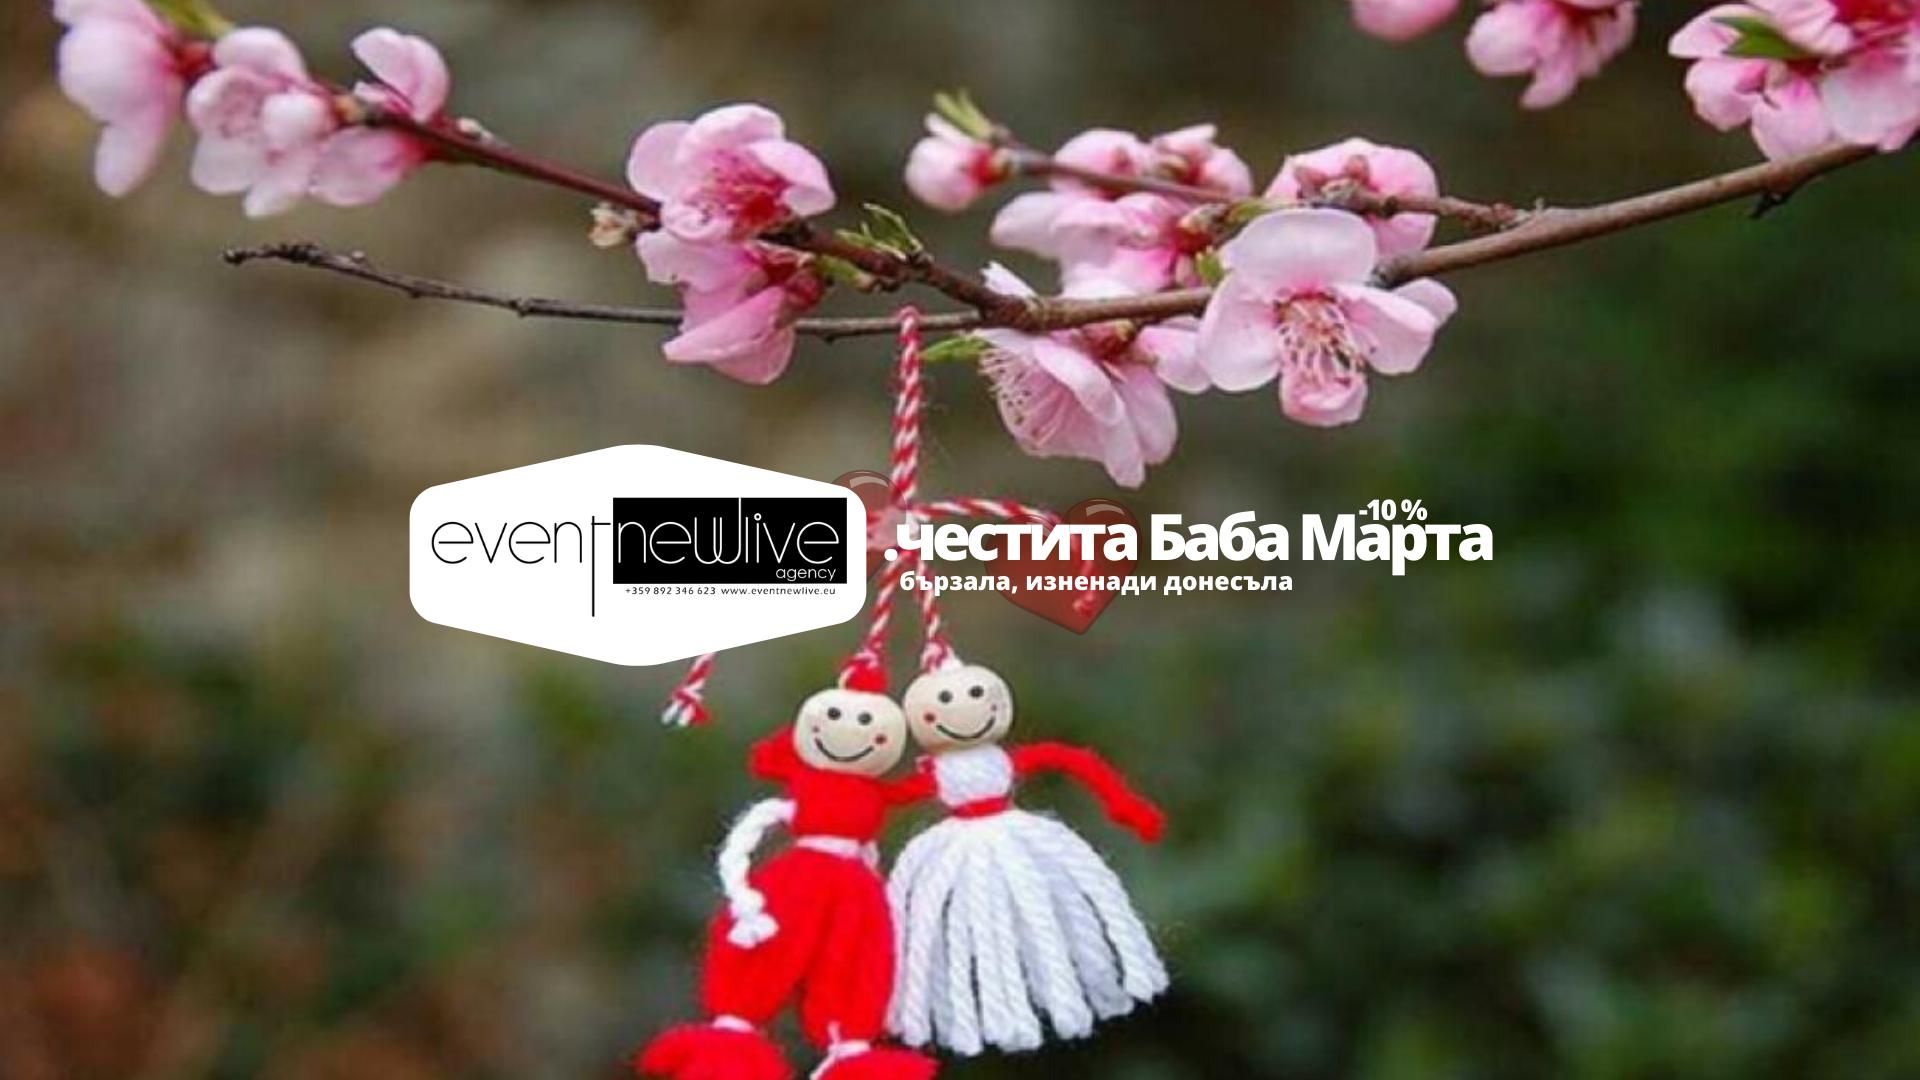 Сватбена агенция, организация на сватби, балове, фирмени и частни партита - Event NewLive Agency